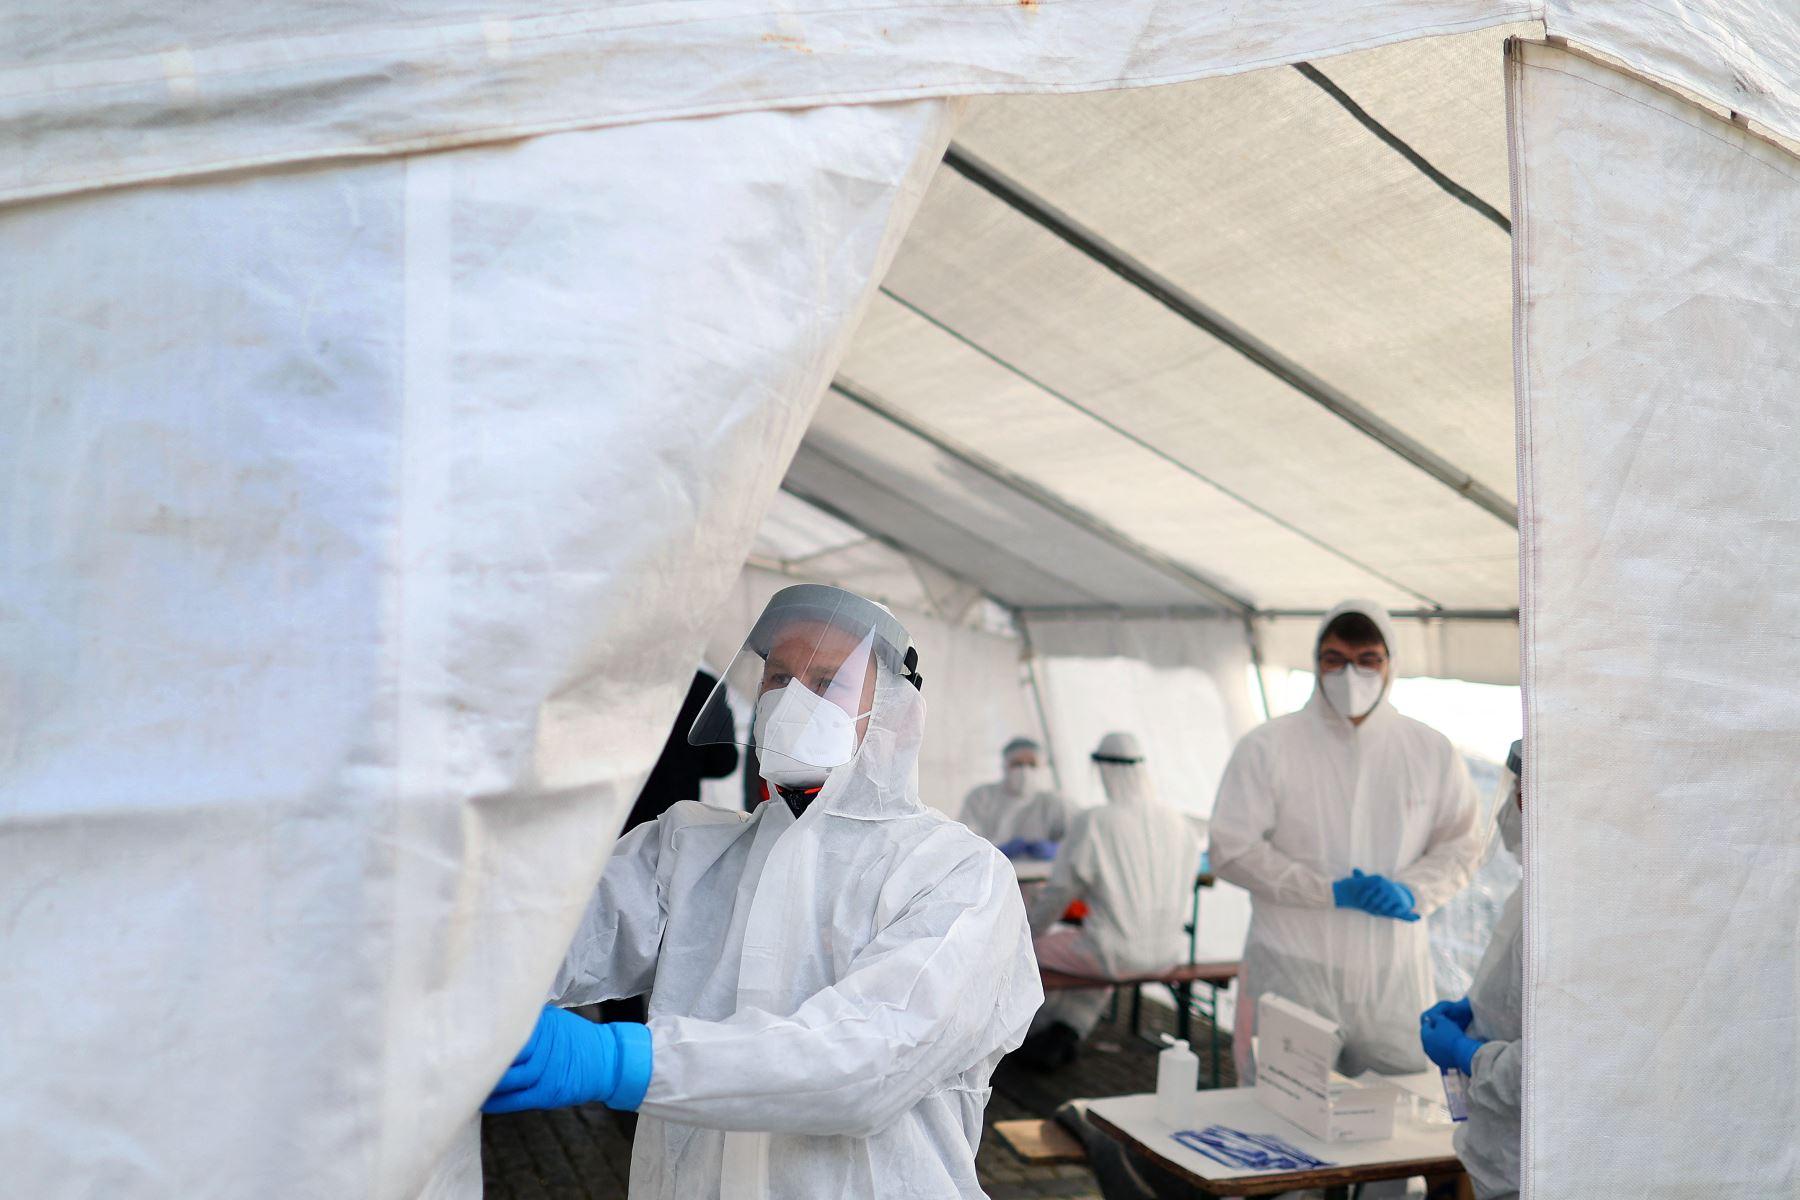 Un trabajador de la salud abre un centro de pruebas Covid-19 gratuito el 23 de febrero de 2021 en Naumburg, en la región de Burgenland, en el este de Alemania. Foto: AFP